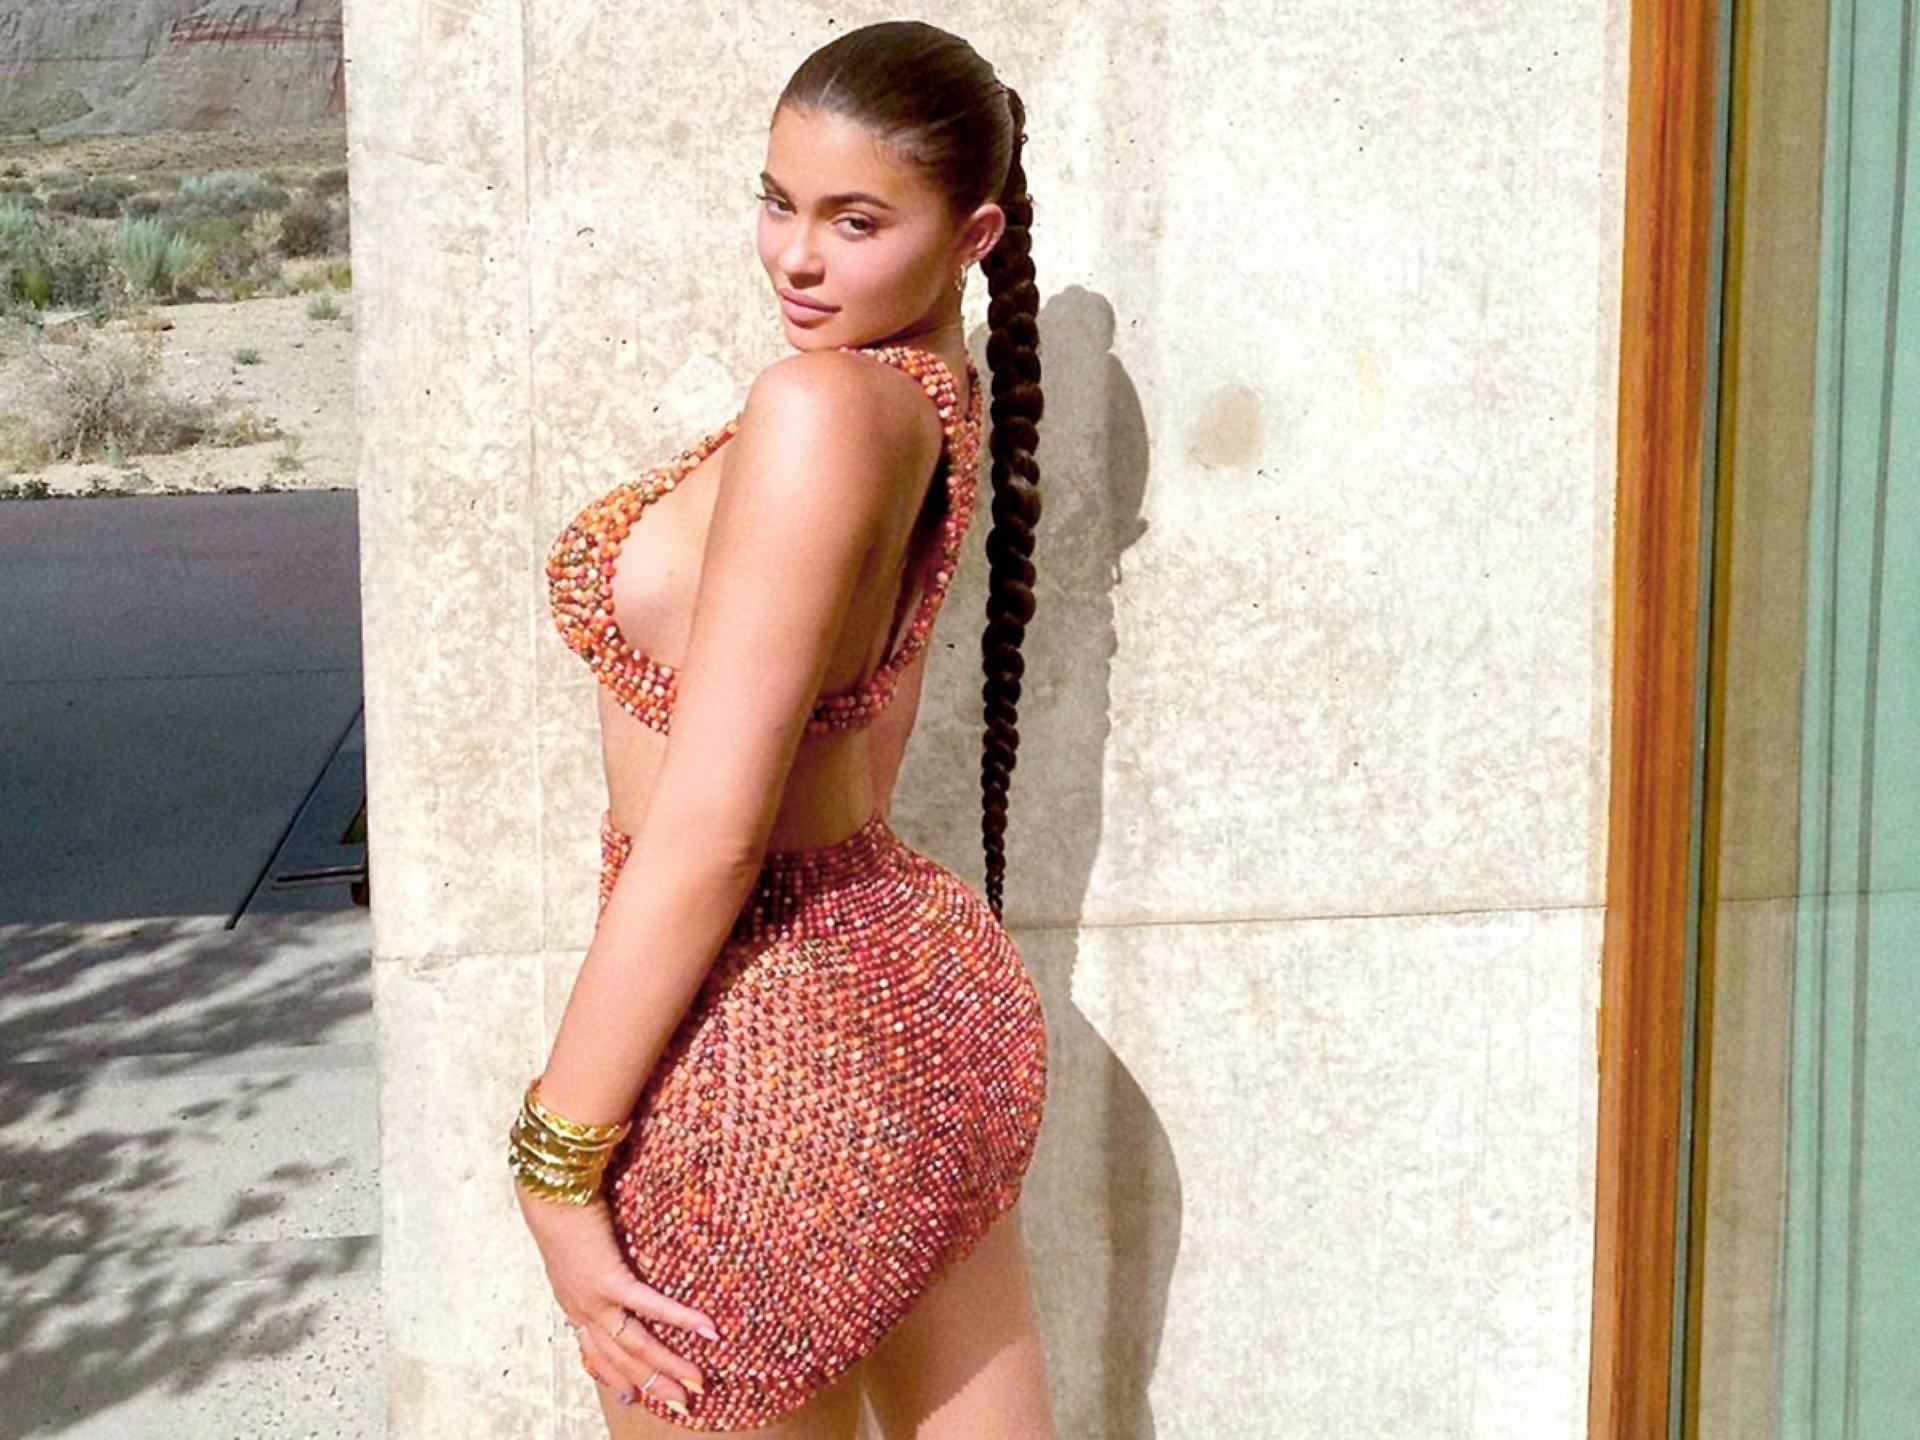 Пышная грудь Кайли Дженнер не уместилась в платье